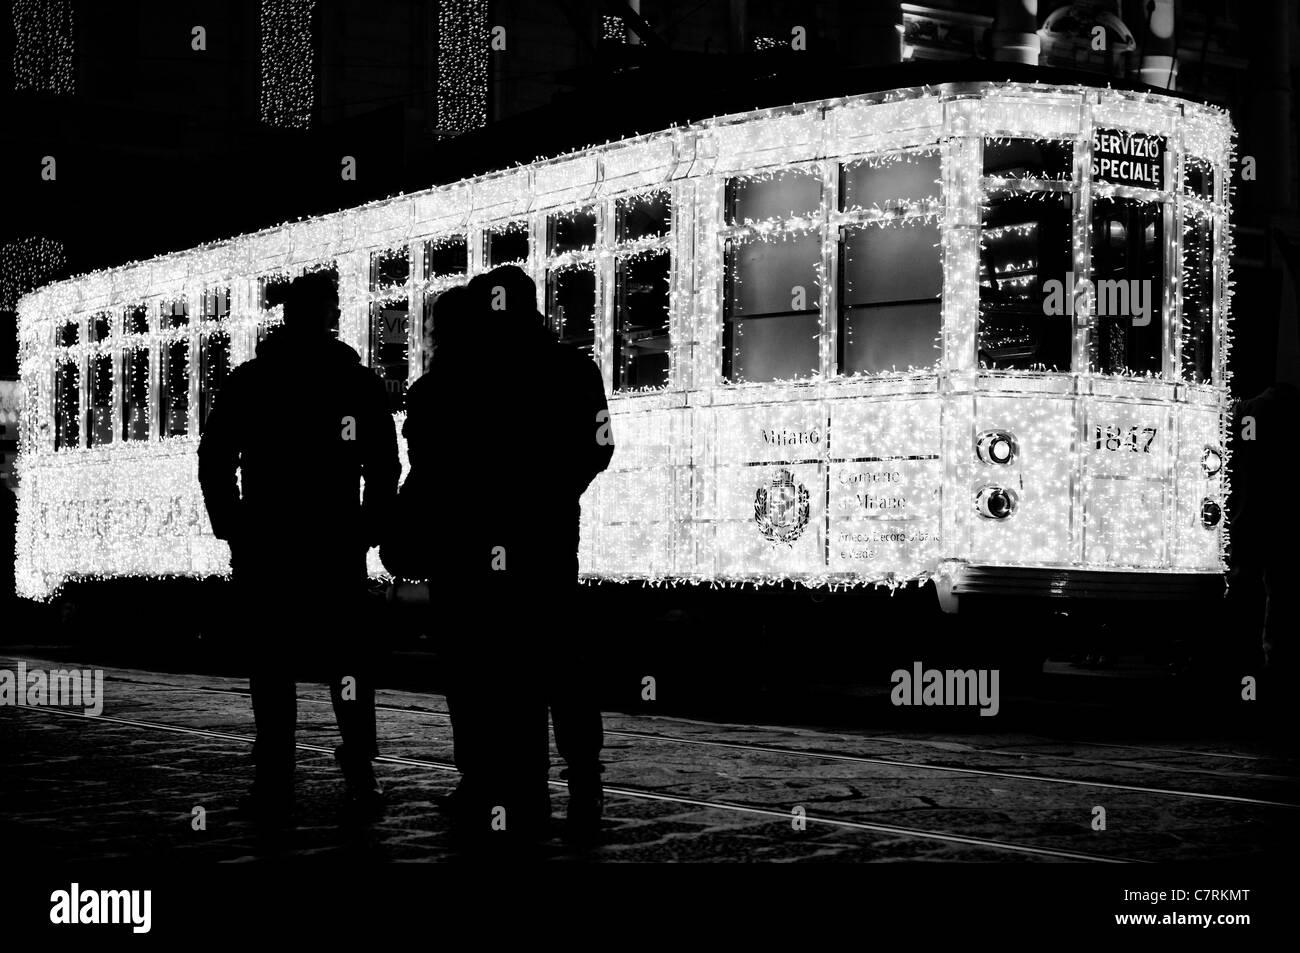 Milano, Italia. Edizione speciale natalizia tram Immagini Stock